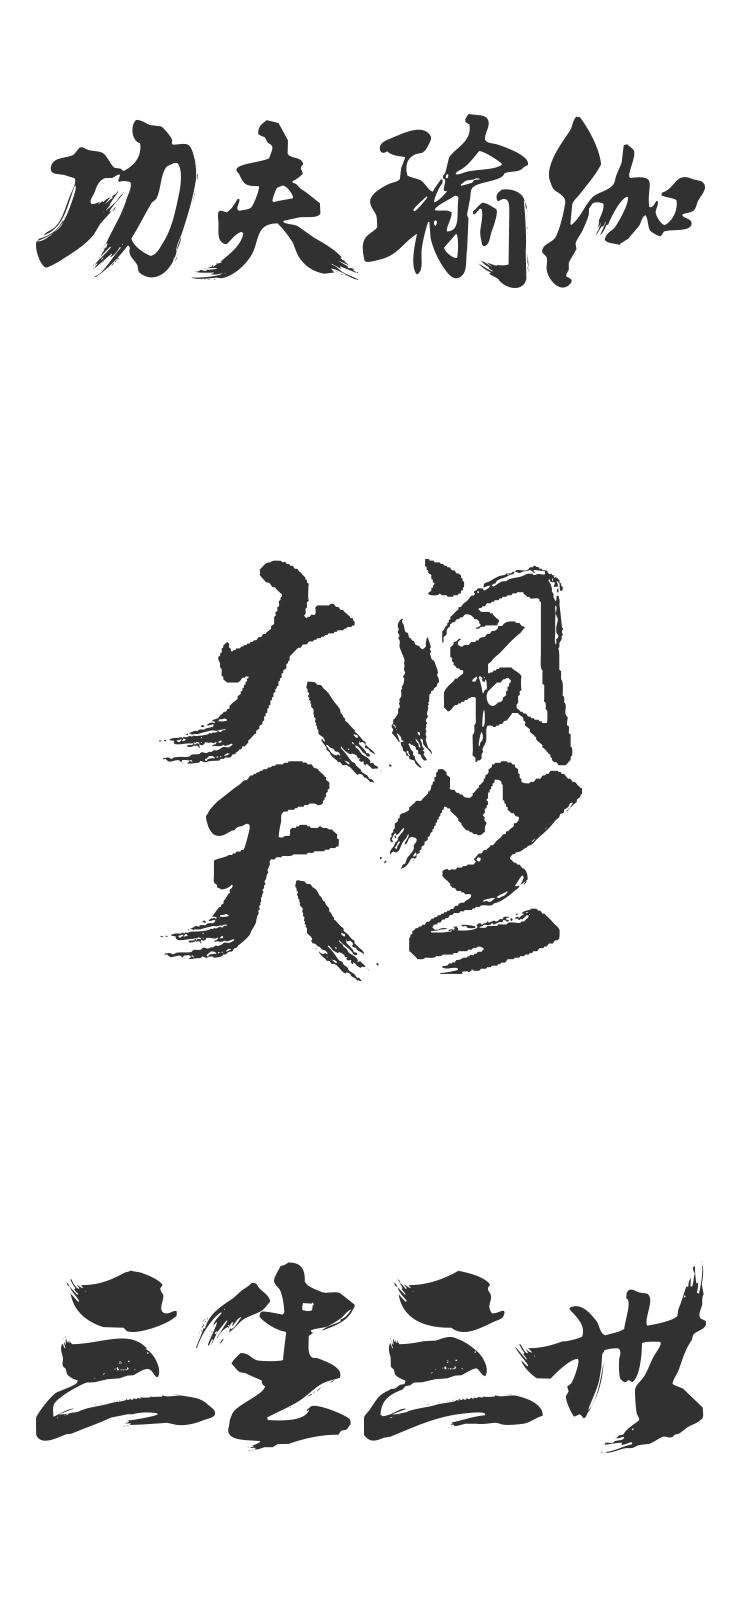 《大闹天竺》《三生三世》《功夫瑜伽》书法字